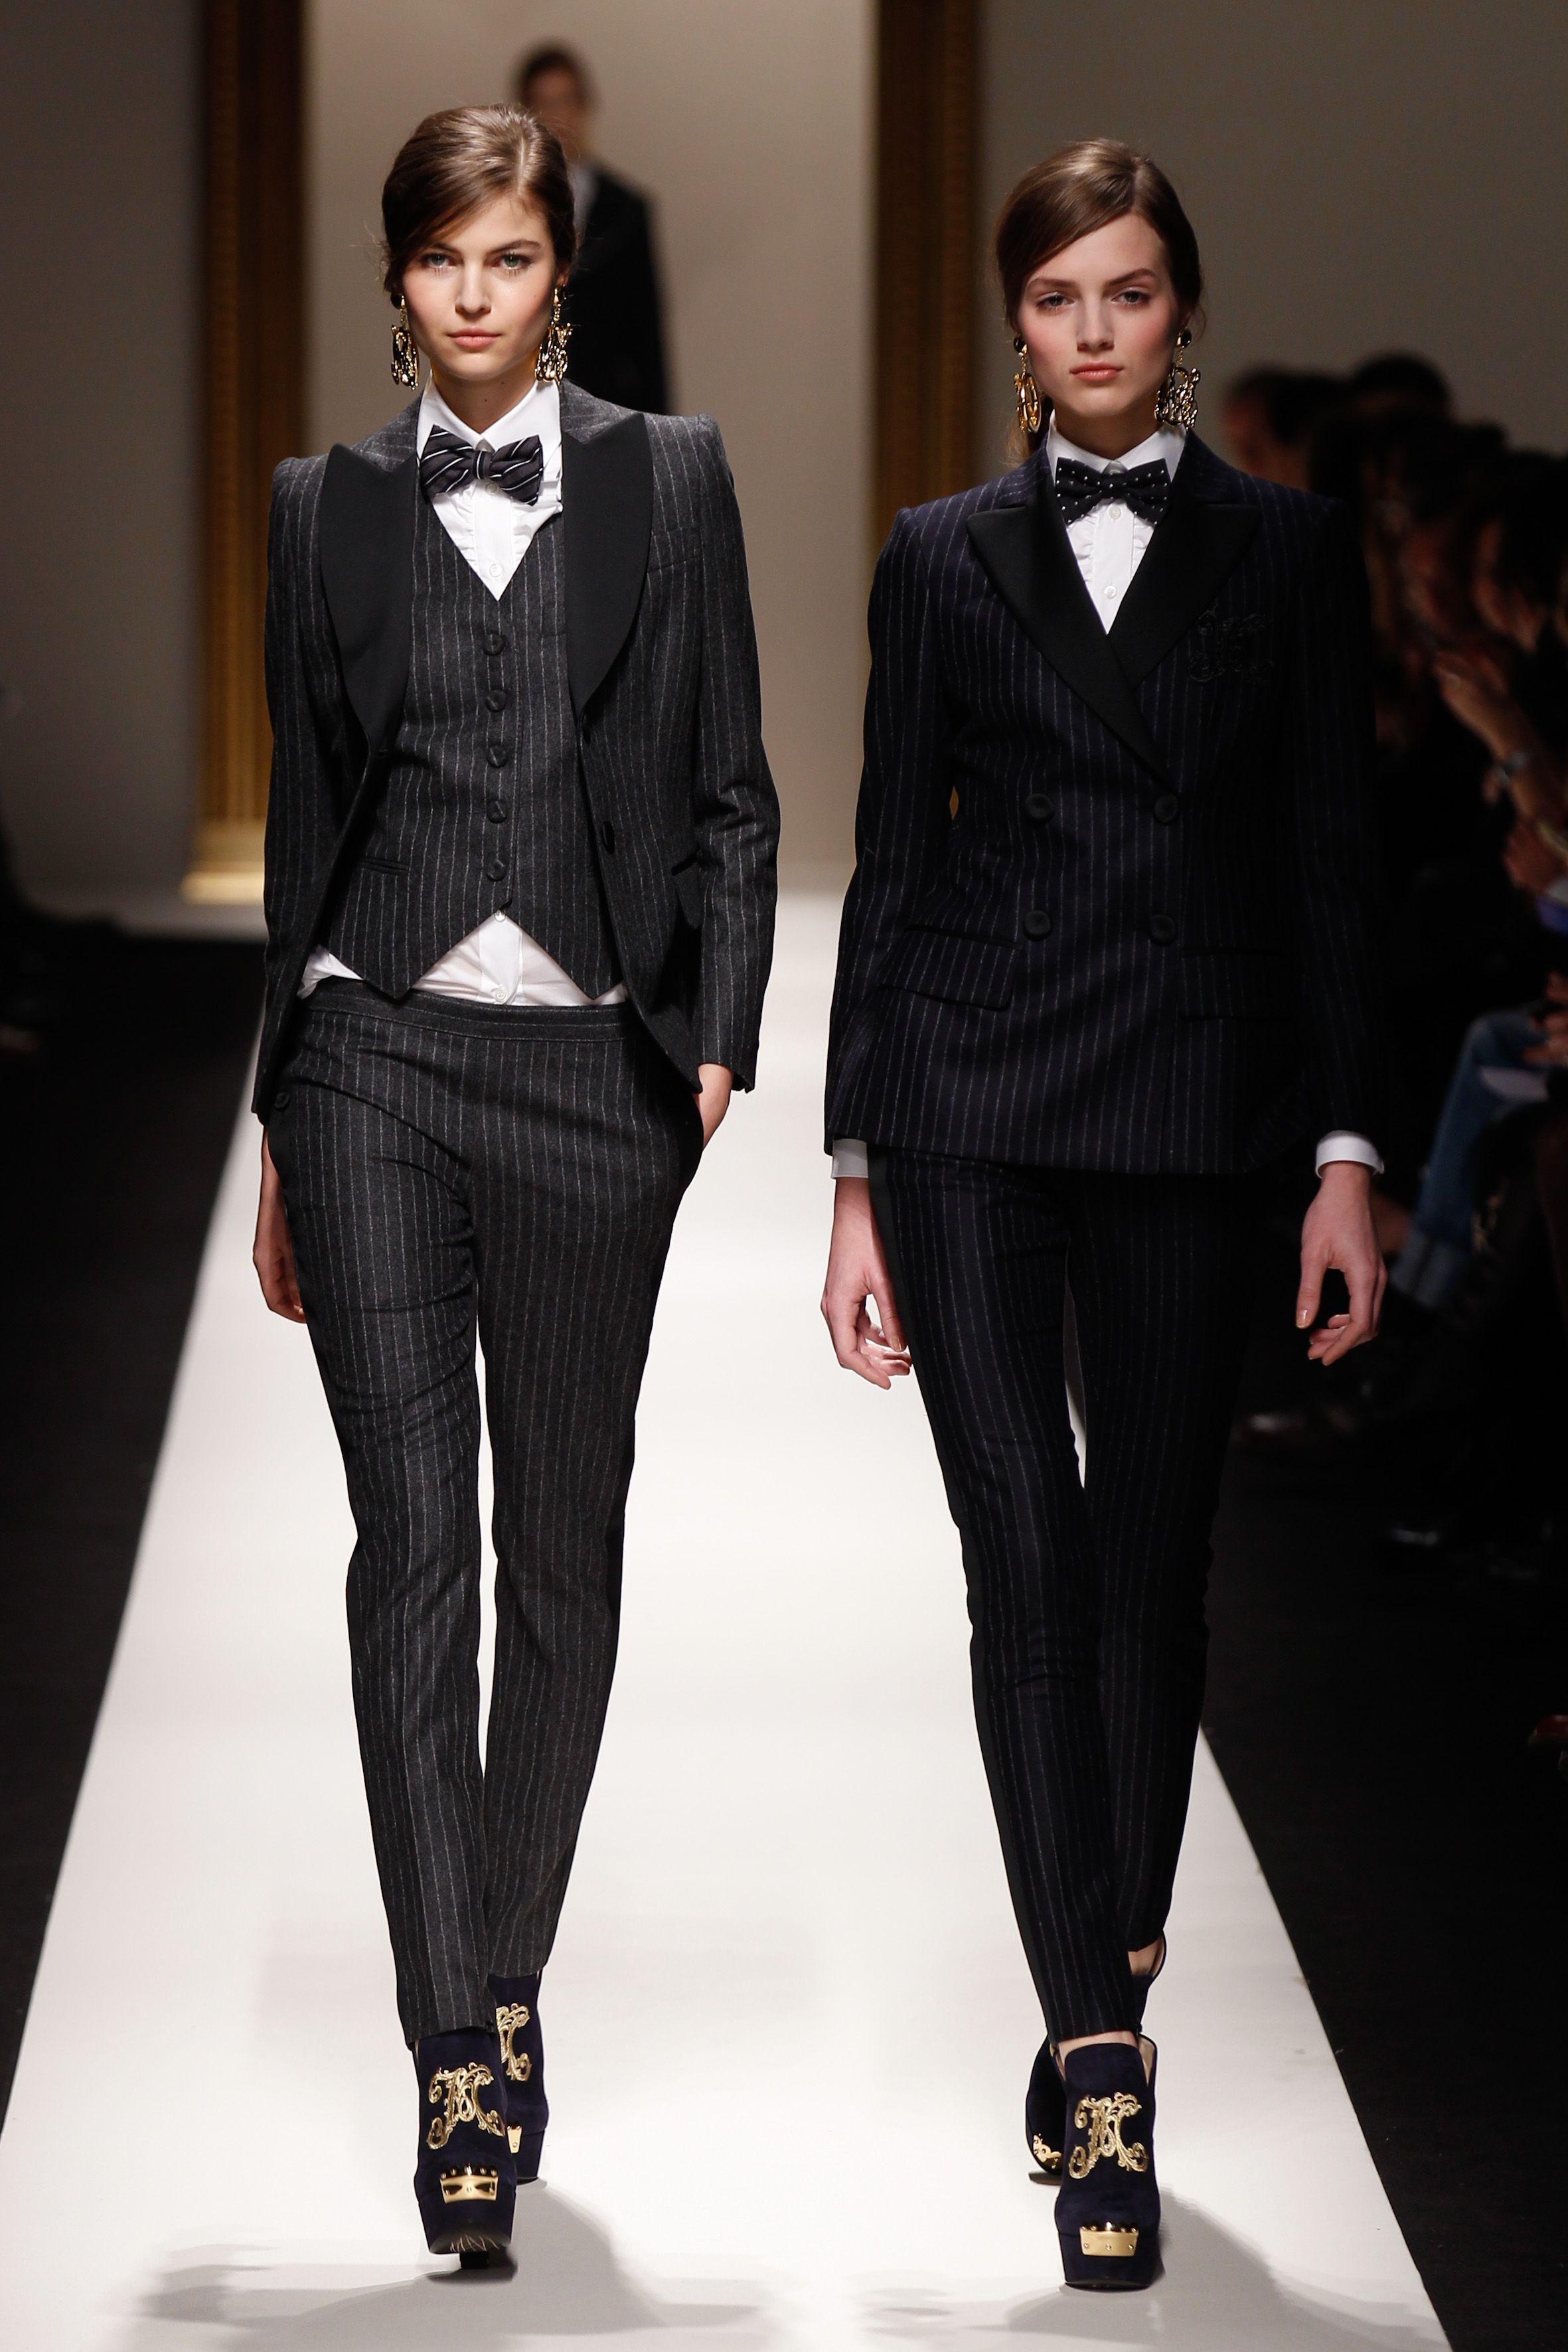 Moschino 2013-2014 fall/winter fashion show #moschino #fashion - I ...